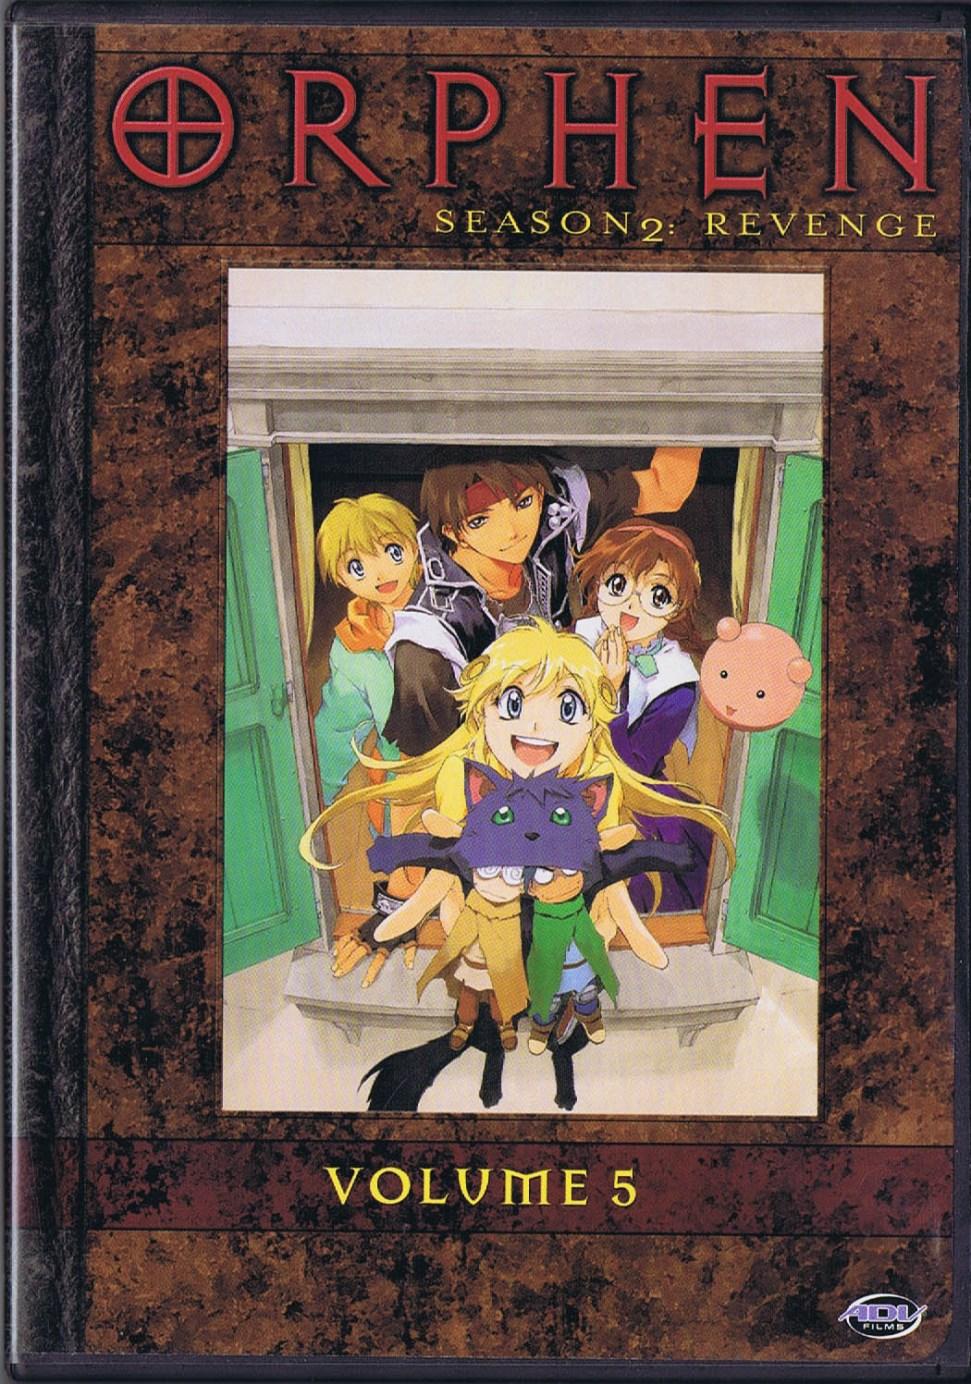 ORPHEN, SEASON 2: REVENGE, Volume 5 - Four Episodes